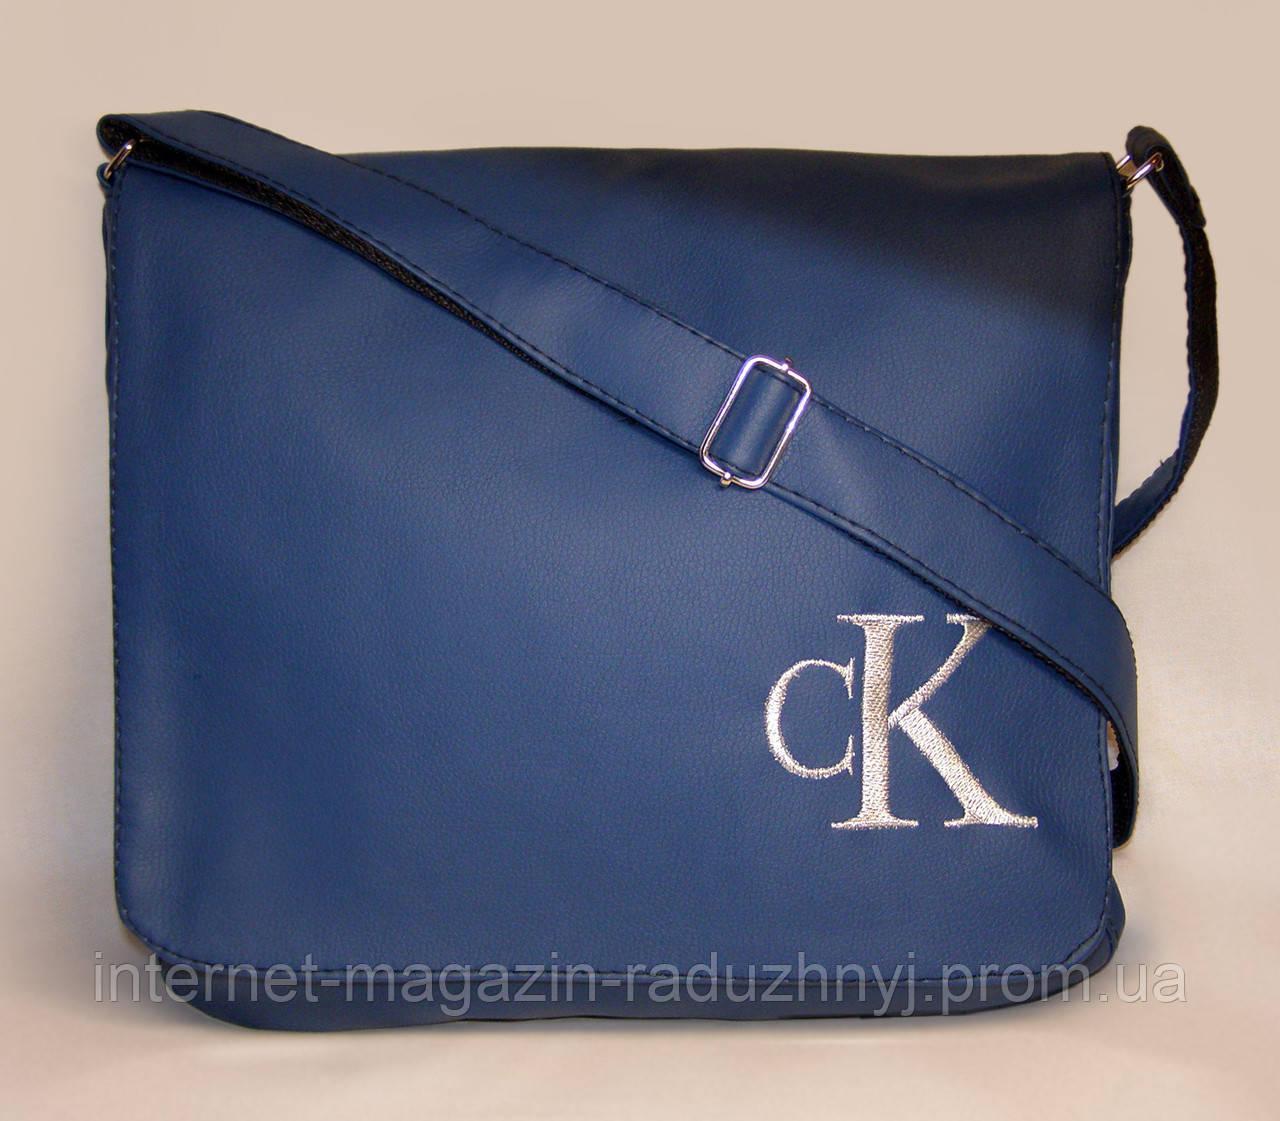 33d67462a5be Мужская сумка